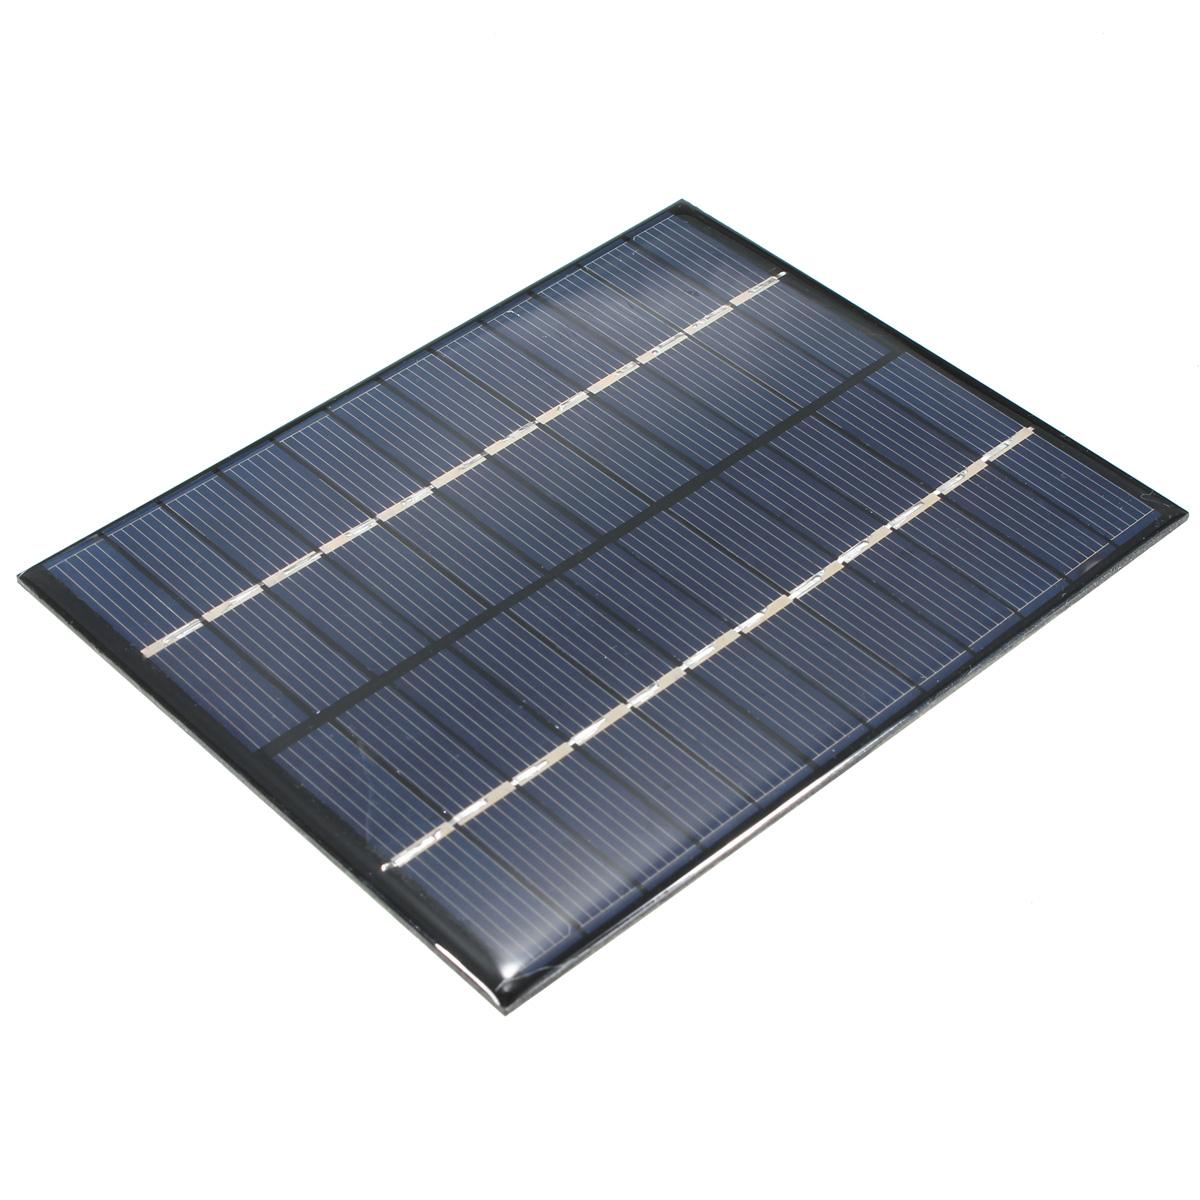 2w 12v panneau solaire petit cellule solaire pv module bricolage chargeur ebay. Black Bedroom Furniture Sets. Home Design Ideas